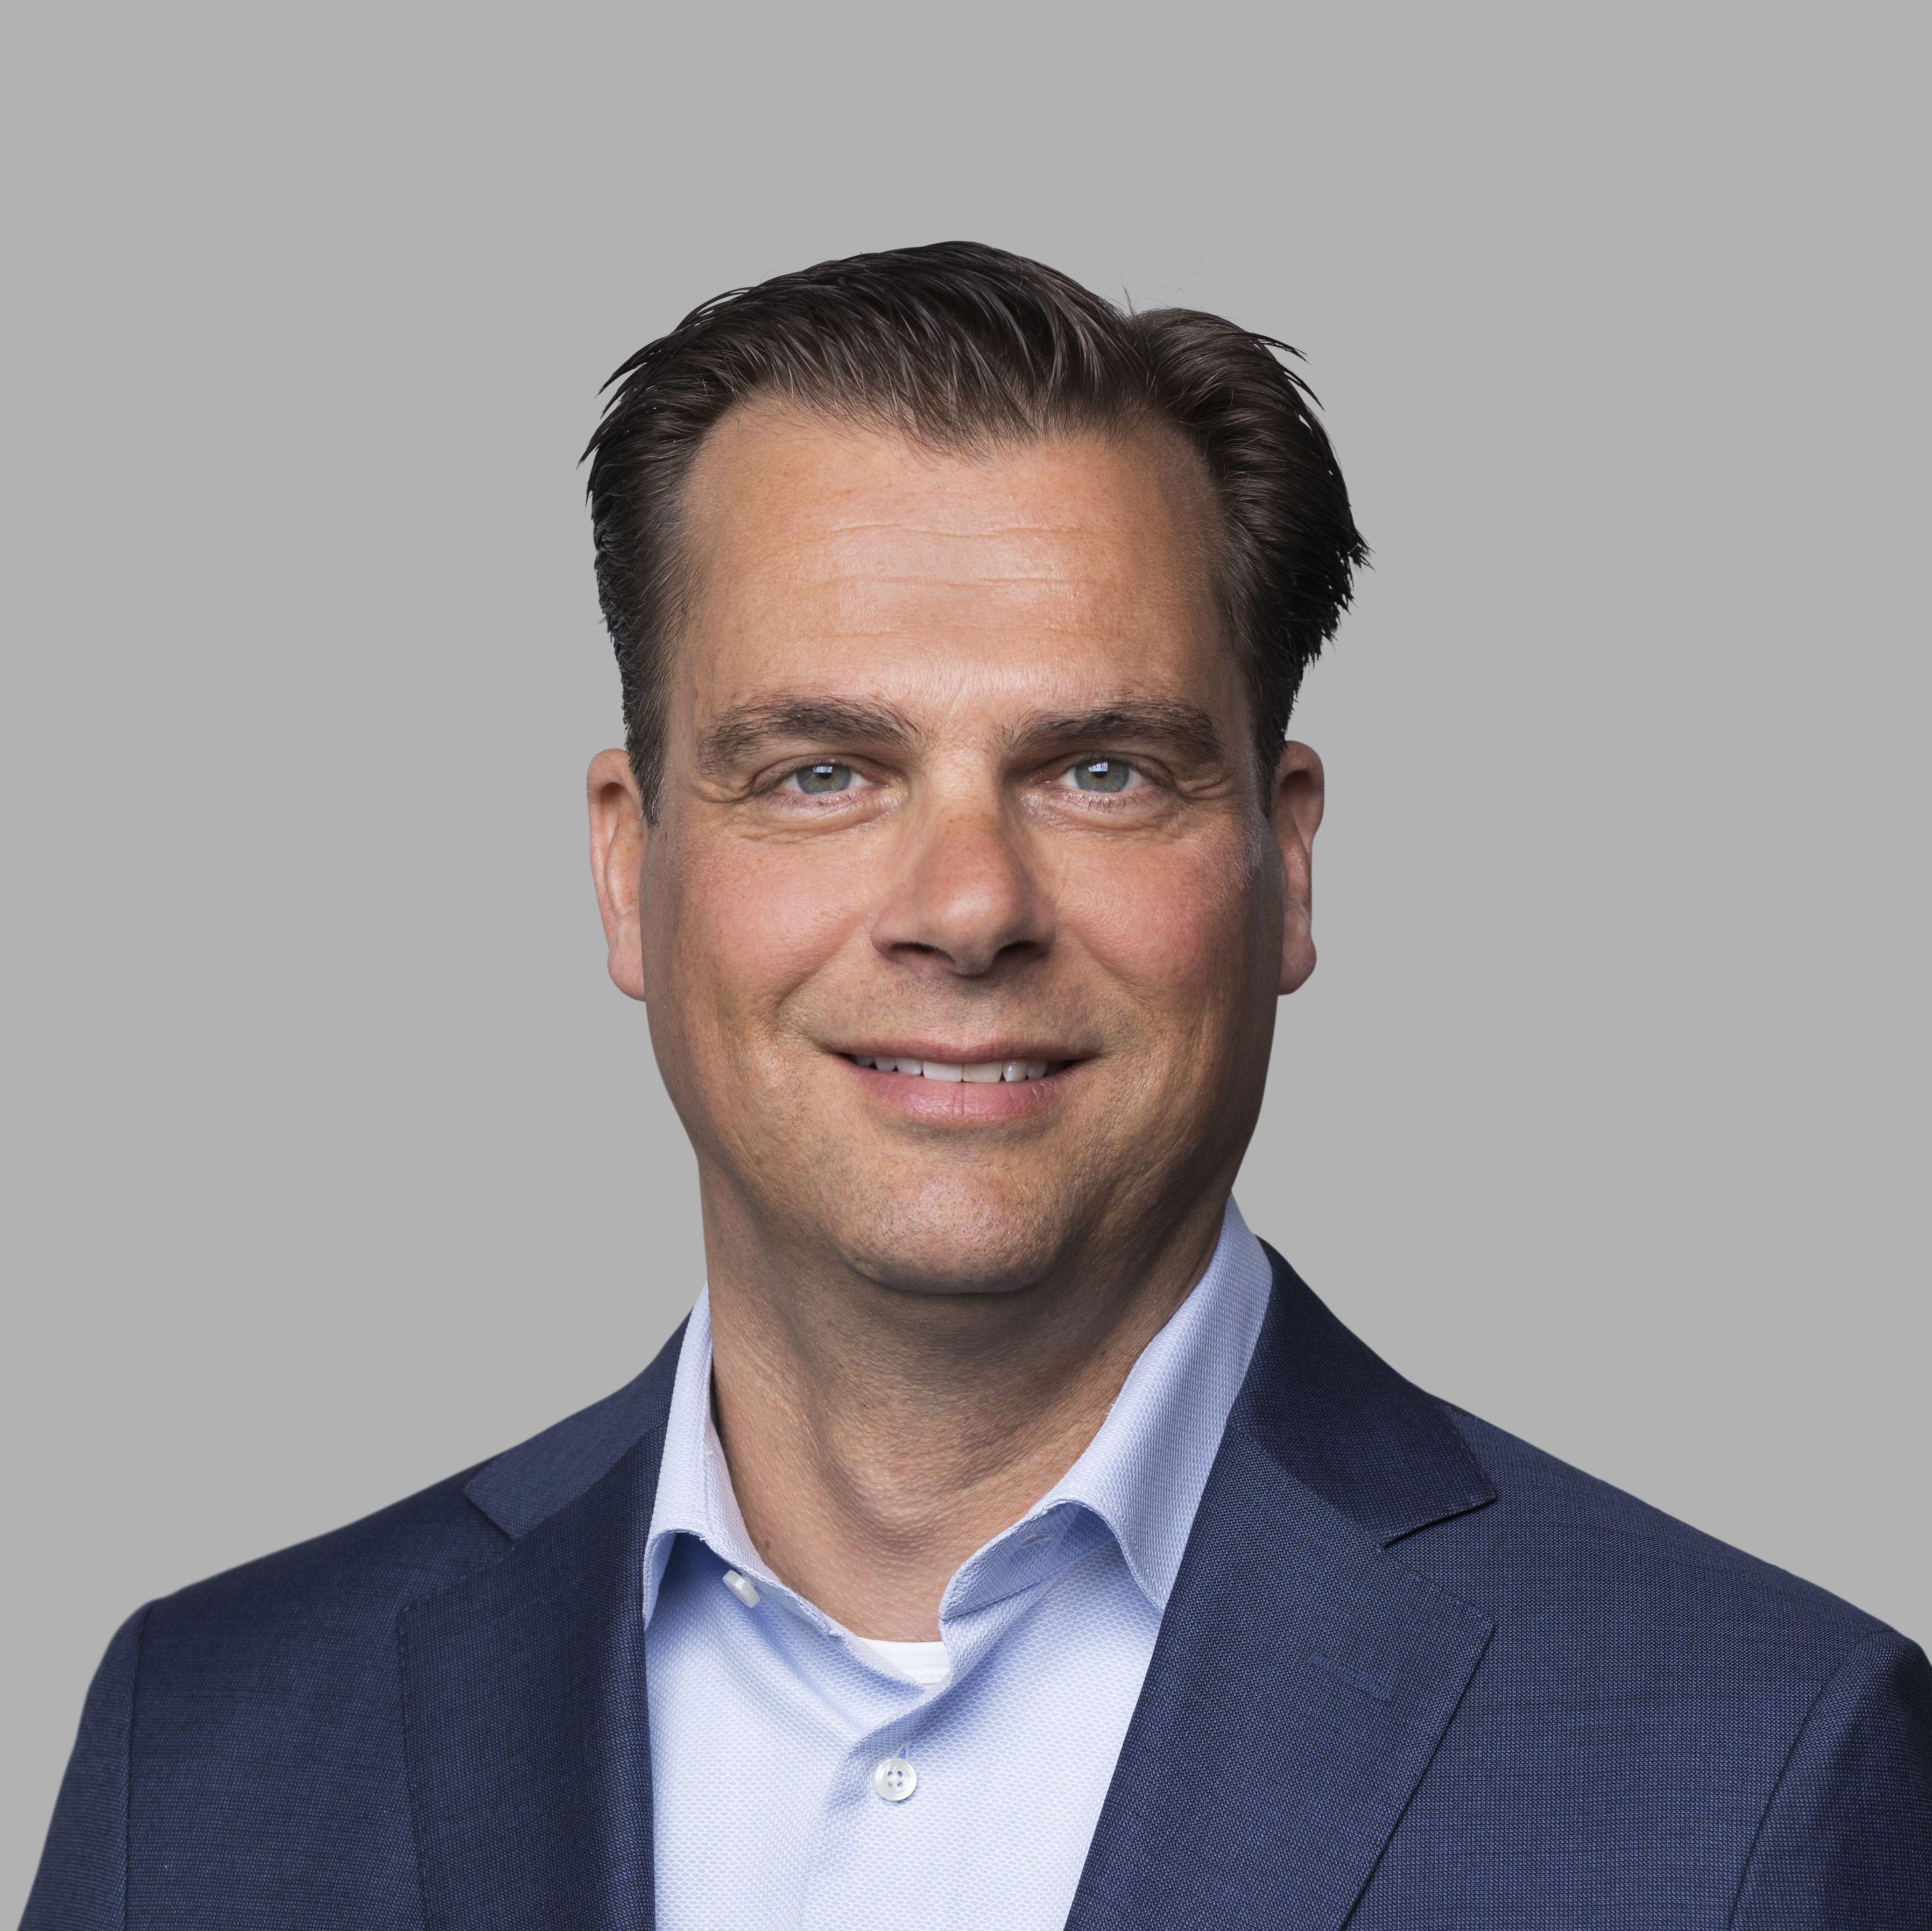 Mike van Toll